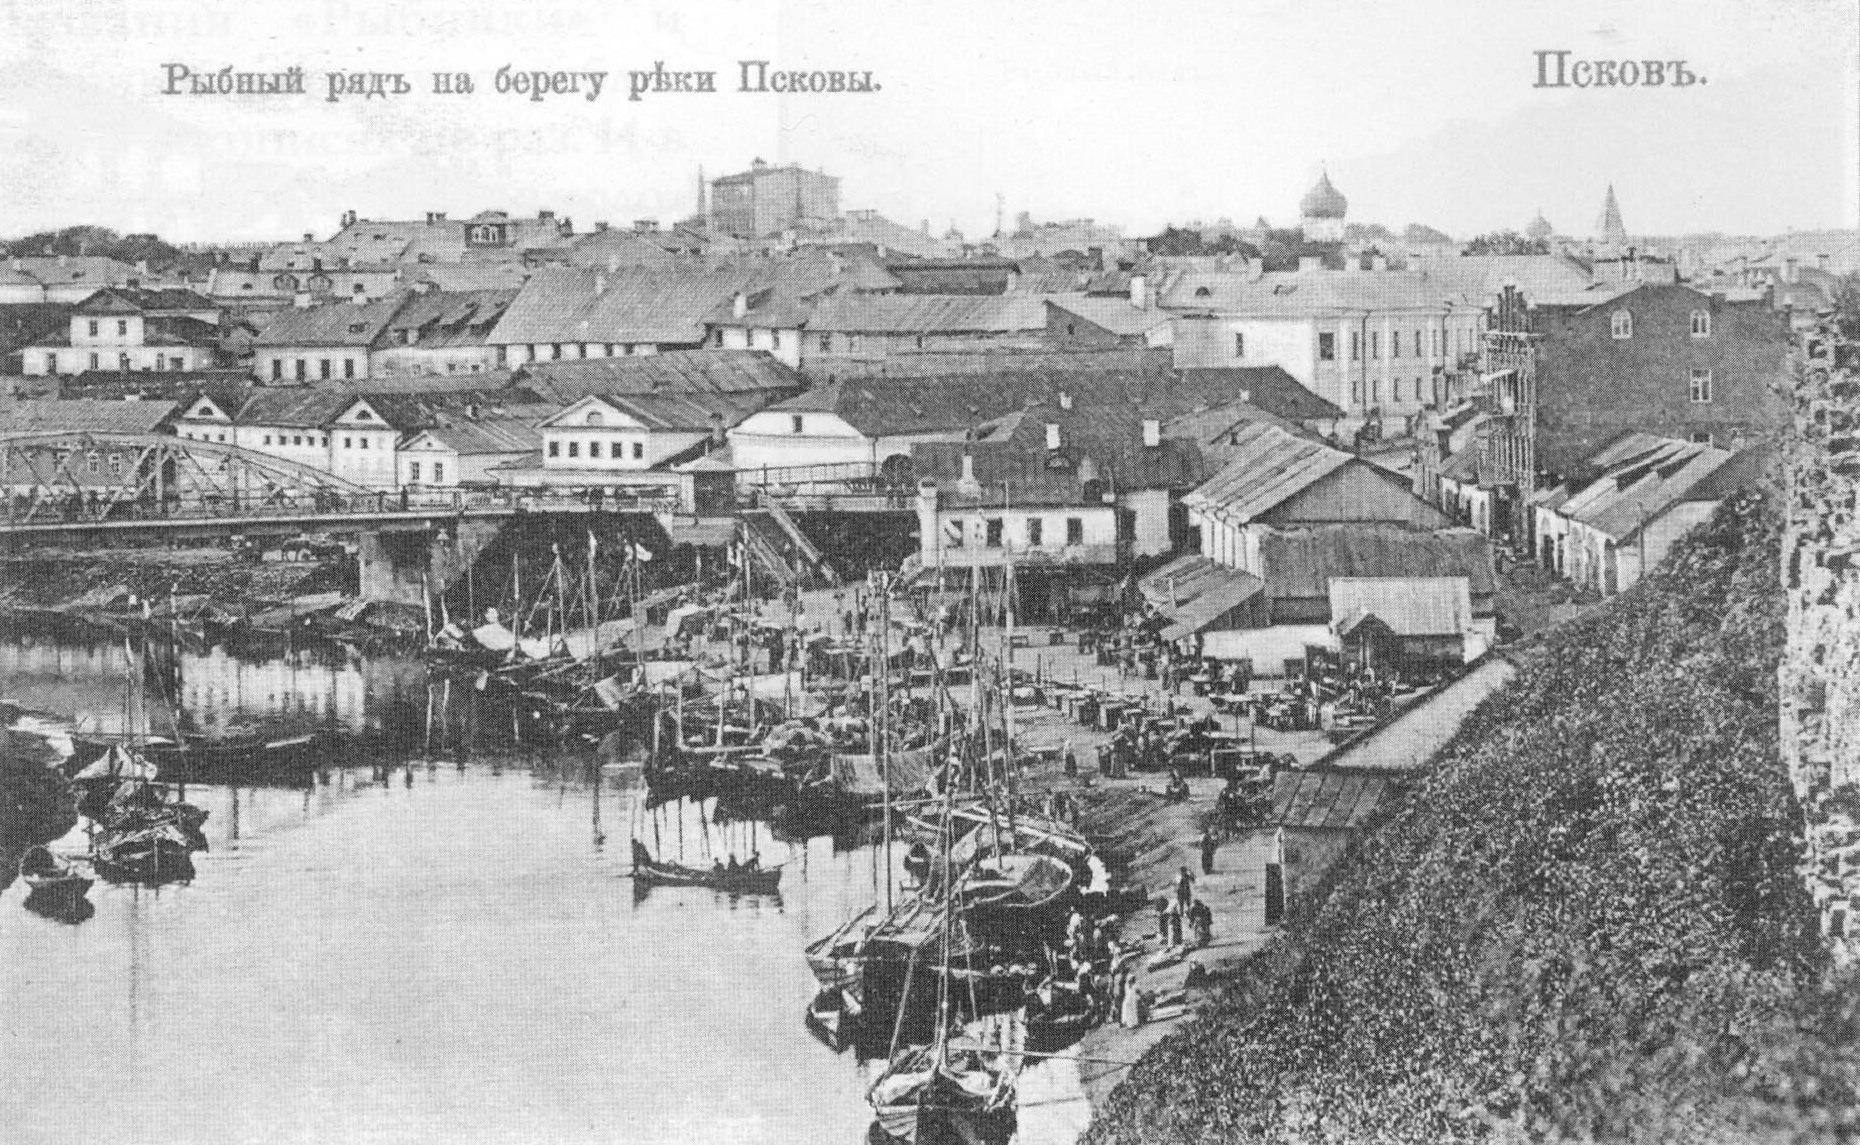 Псков. Рыбный ряд на берегу реки Псковы.